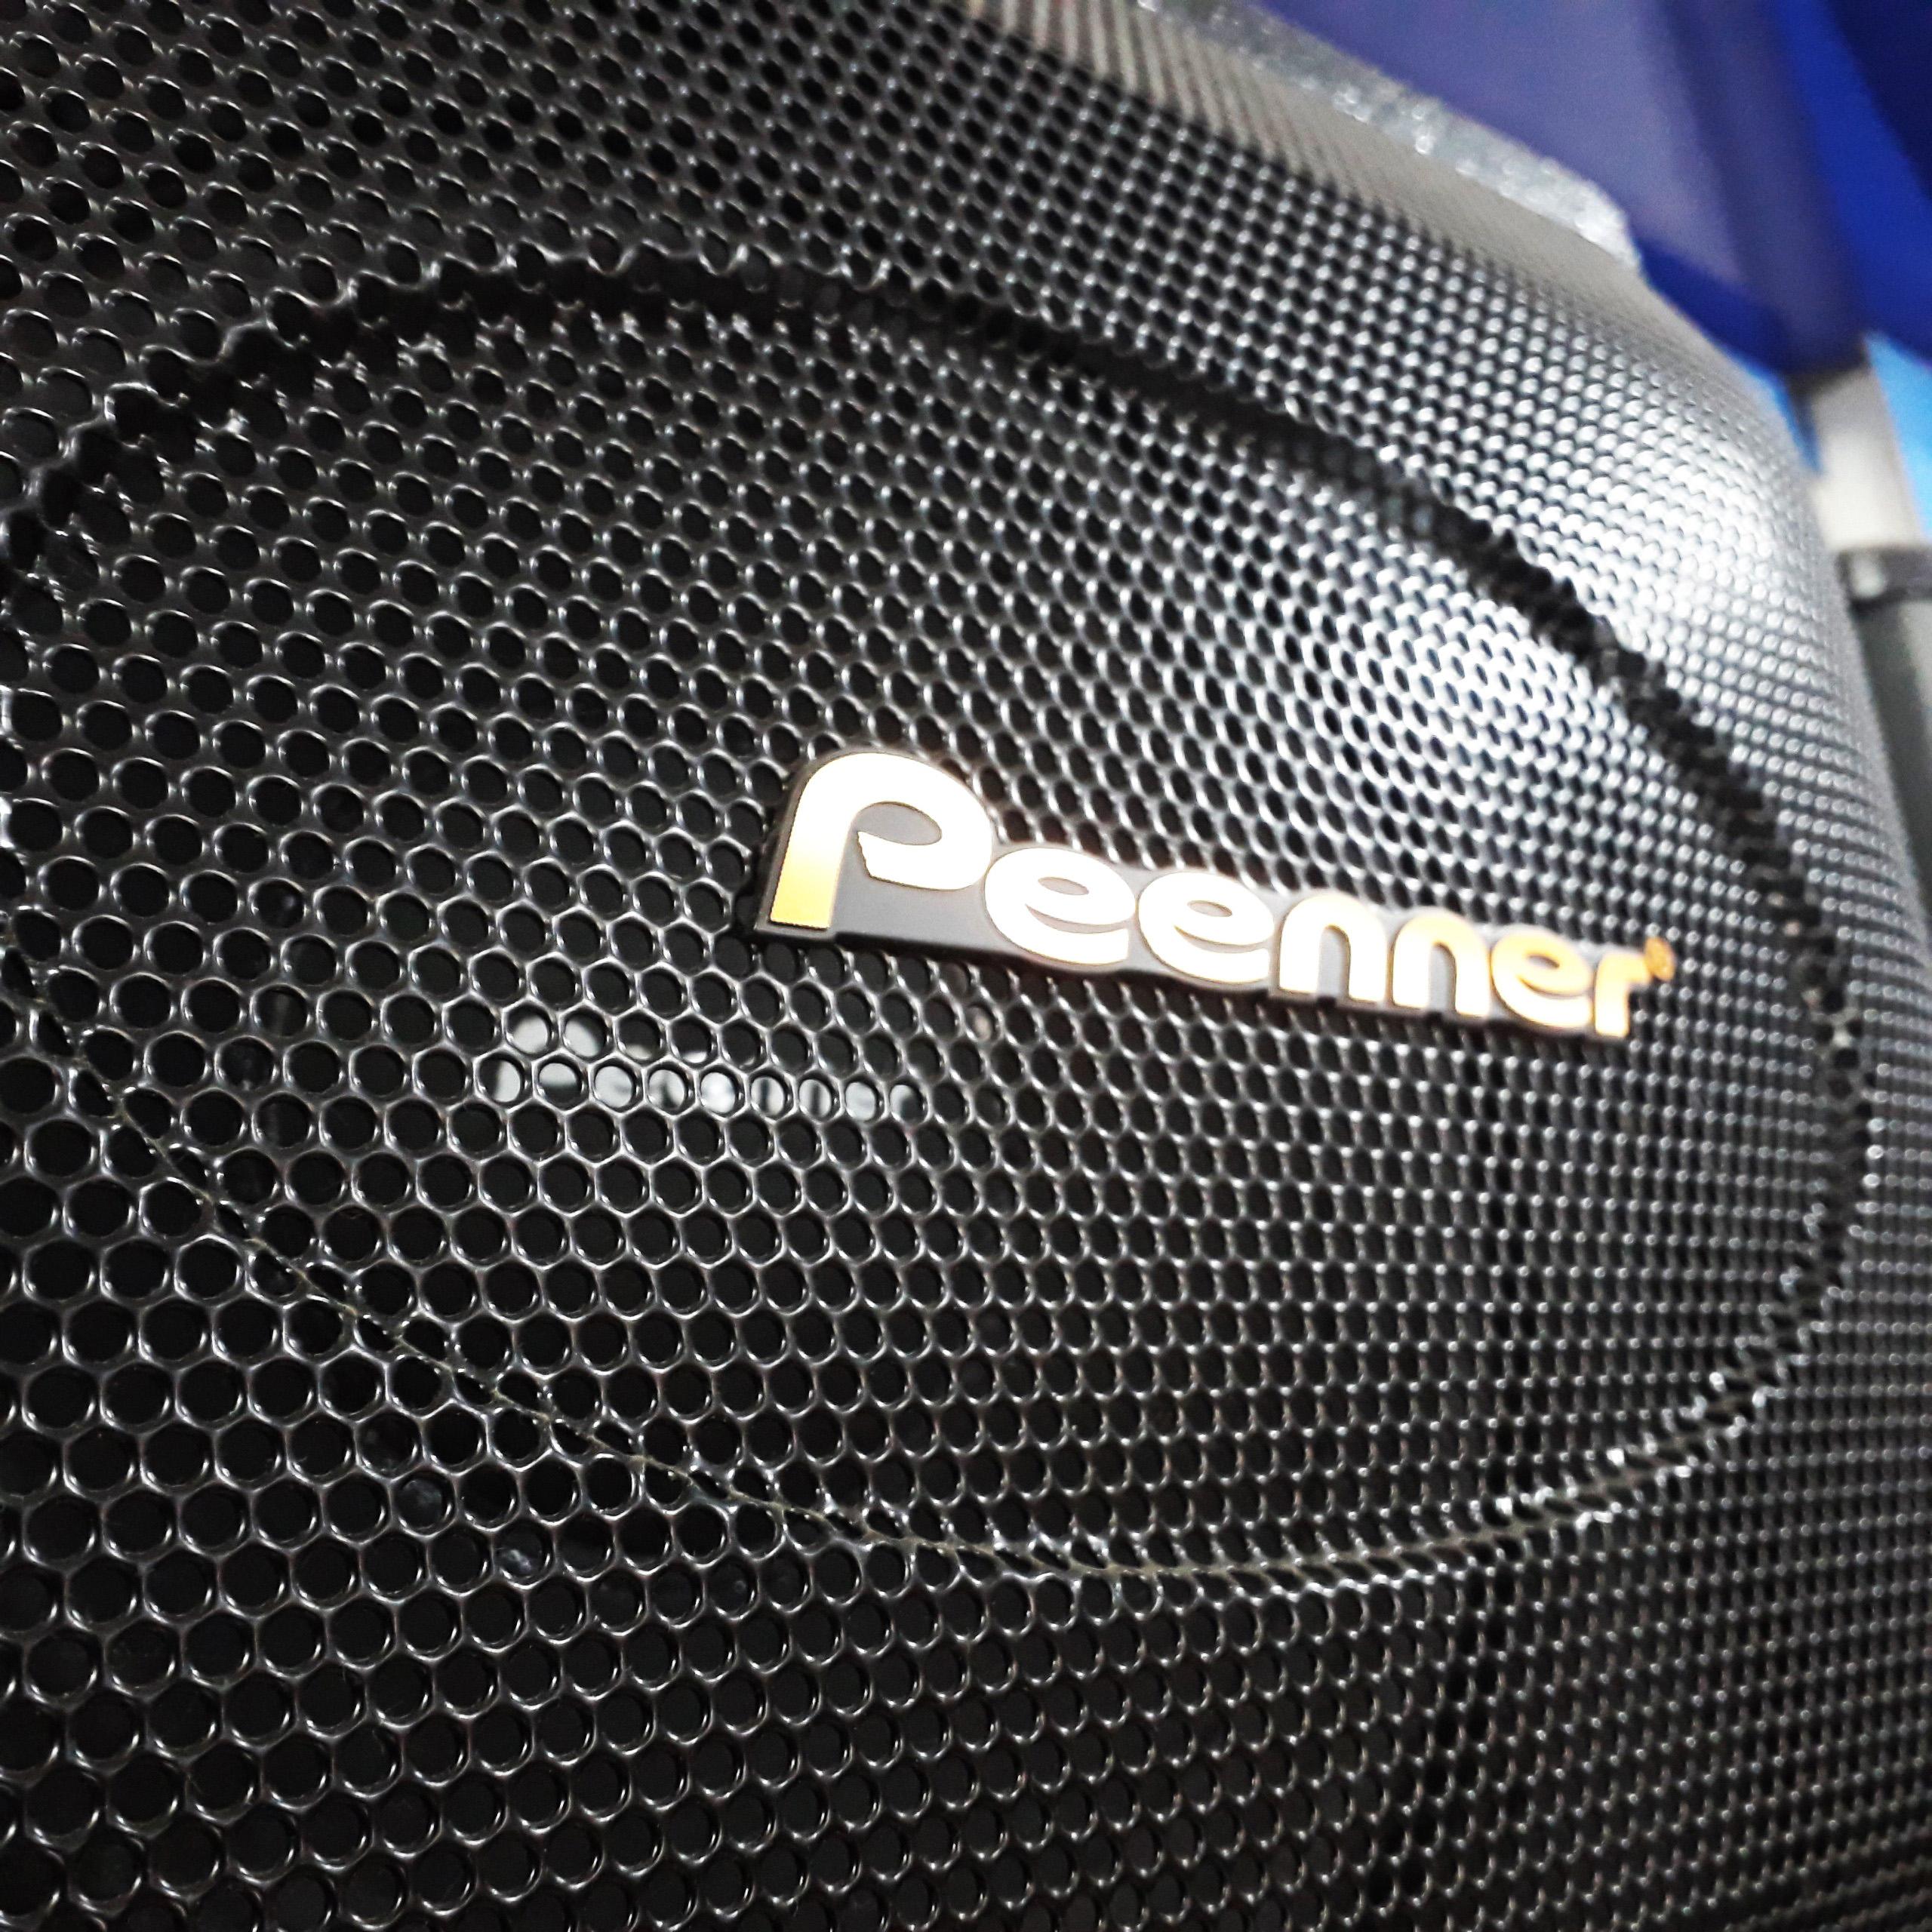 Bộ 2 Loa nằm Peenner PS-699 lưới sắt, Bass 25cm, sơn chống trầy - Hàng chính hãng